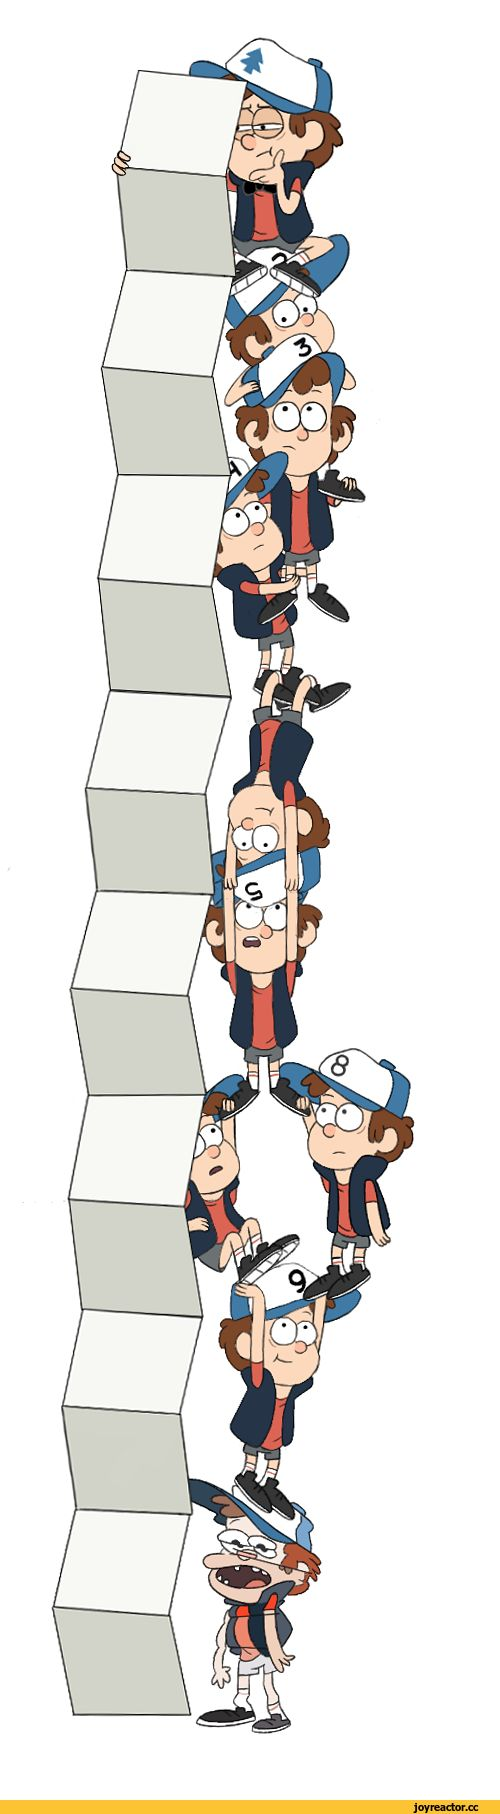 Gravity Falls,Dipper Pines